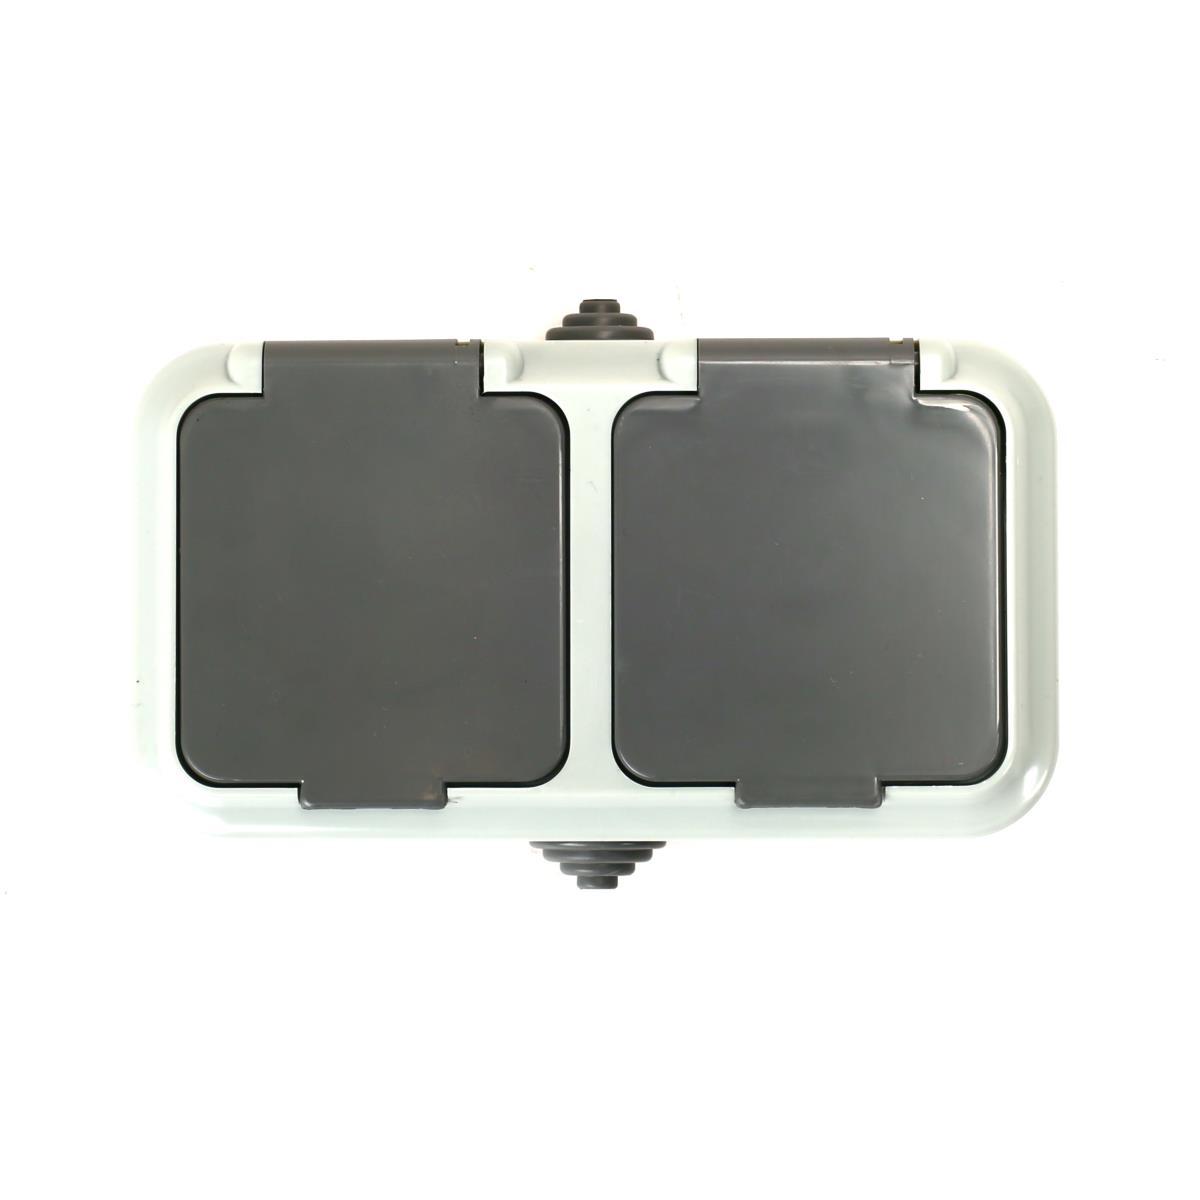 Aufputz doppel Schuko Steckdose IP54 mit Schutzkontakt grau serie OKKO,OKKO,PA16-303-03, 4810158061886